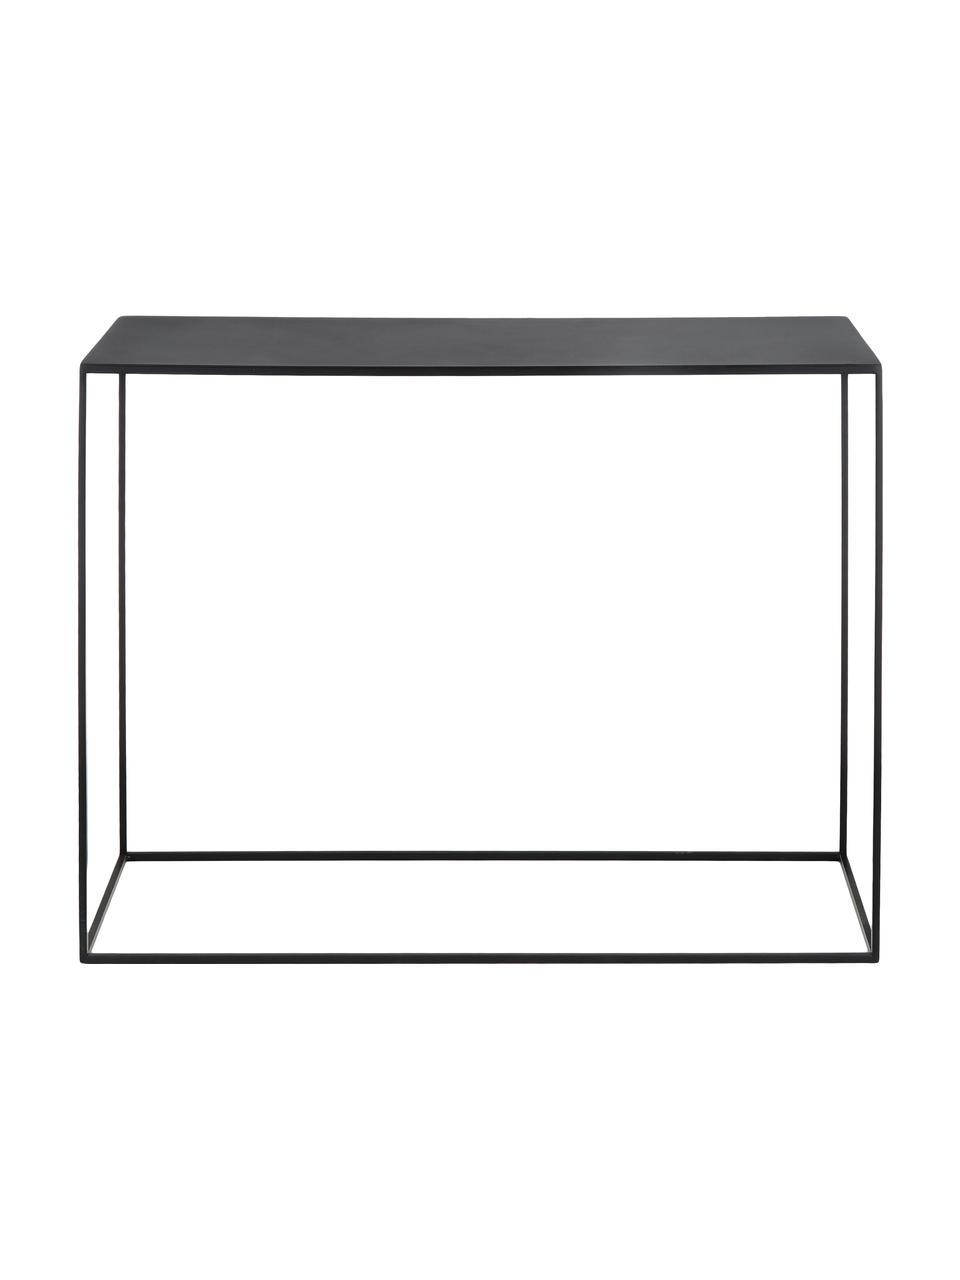 Consolle in metallo nero Tensio, Metallo verniciato a polvere, Nero, Larg. 100 x Prof. 35 cm